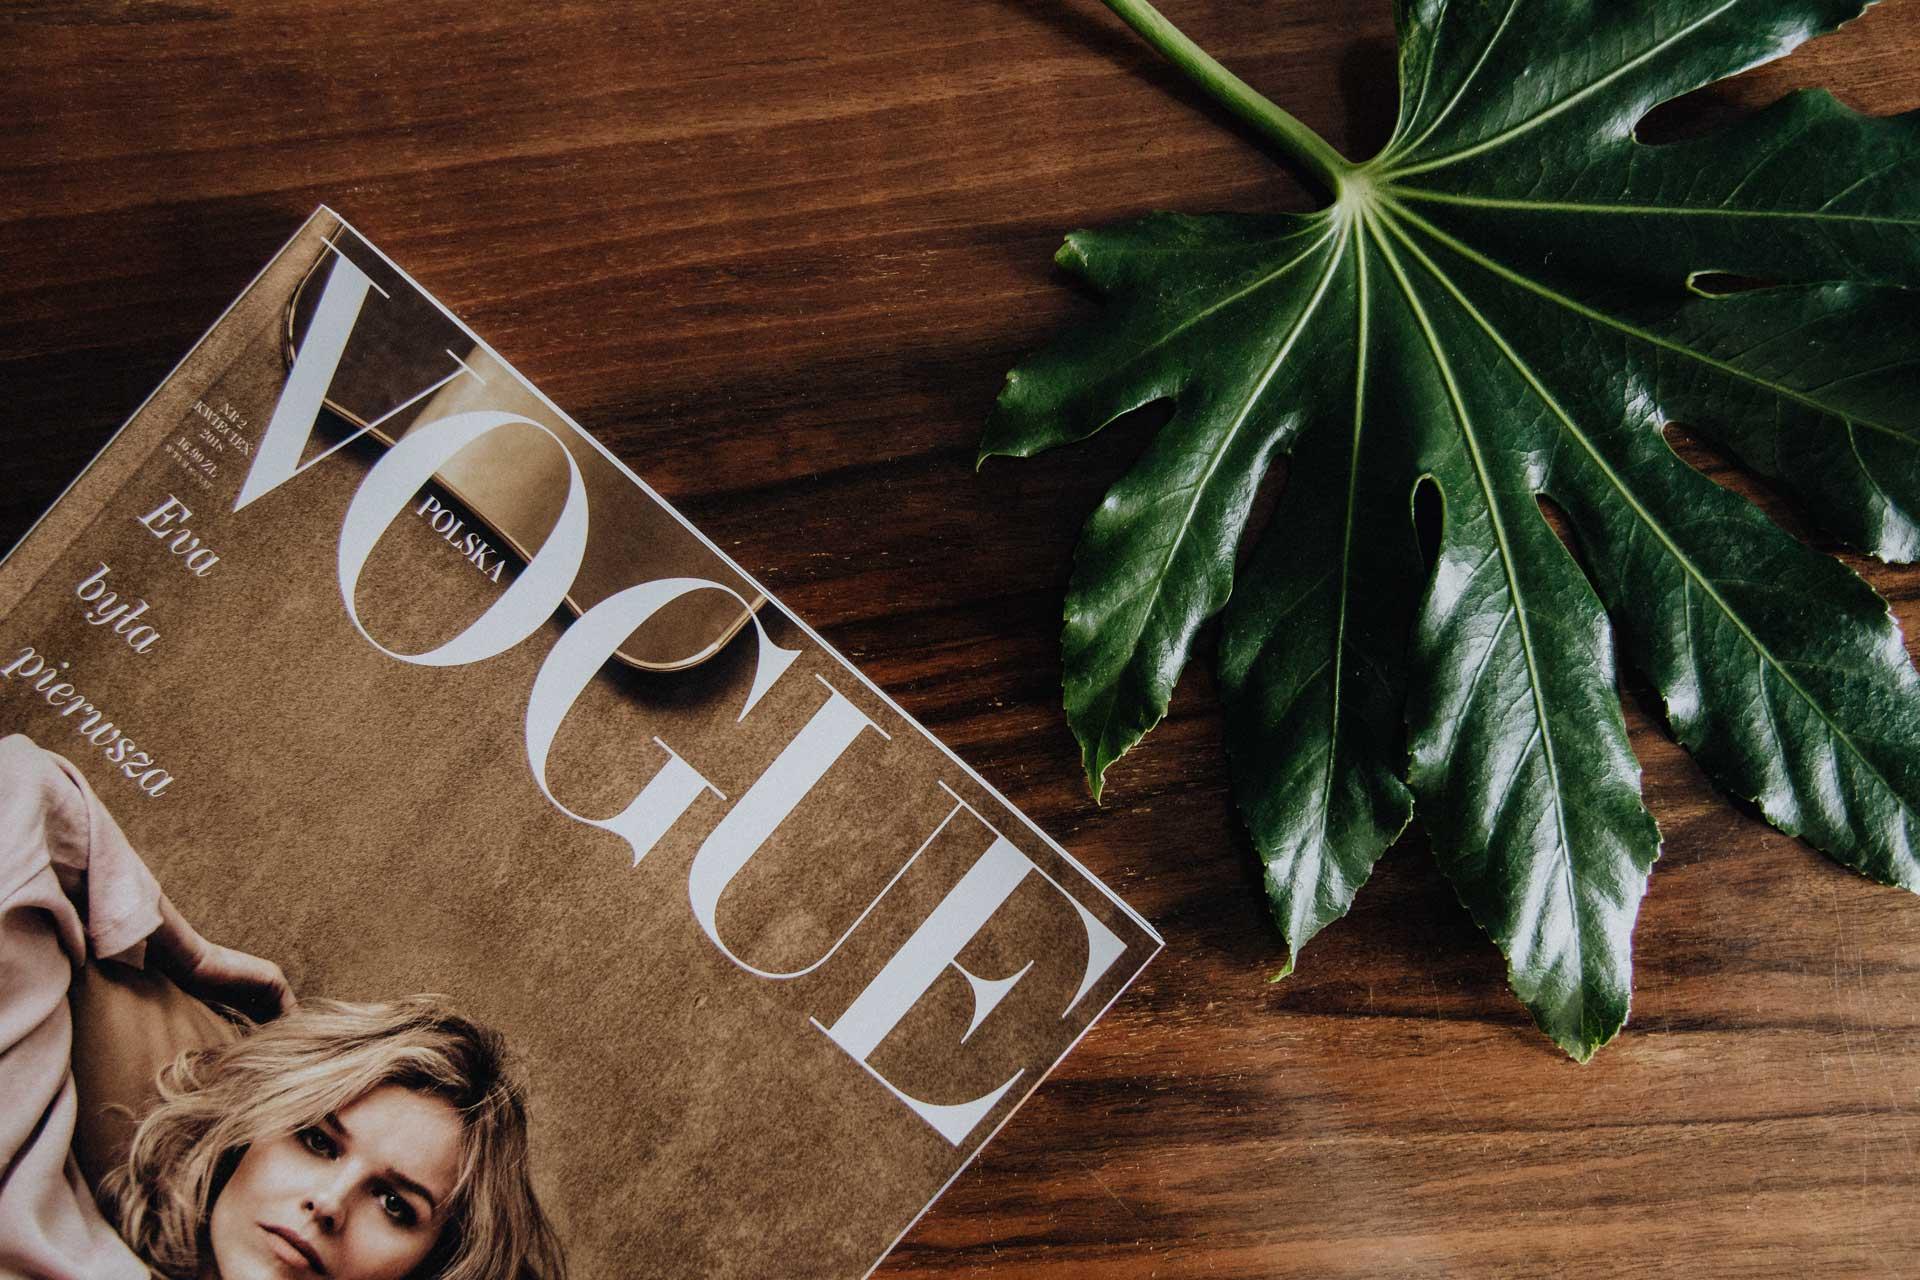 観葉植物と飾られた海外雑誌